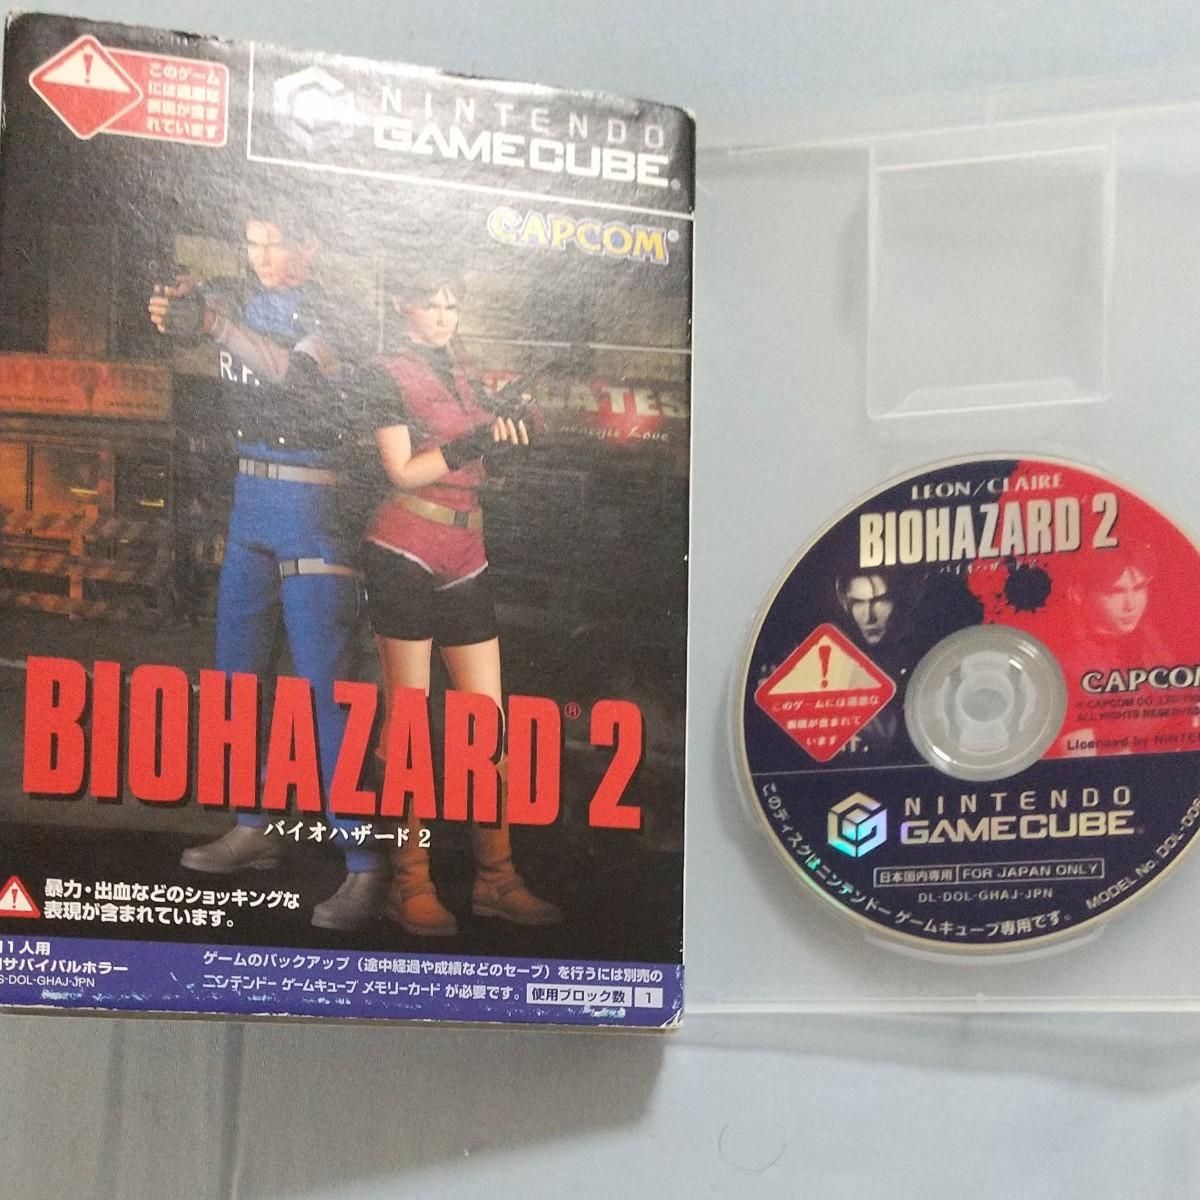 バイオハザード2 ゲームキューブ 任天堂